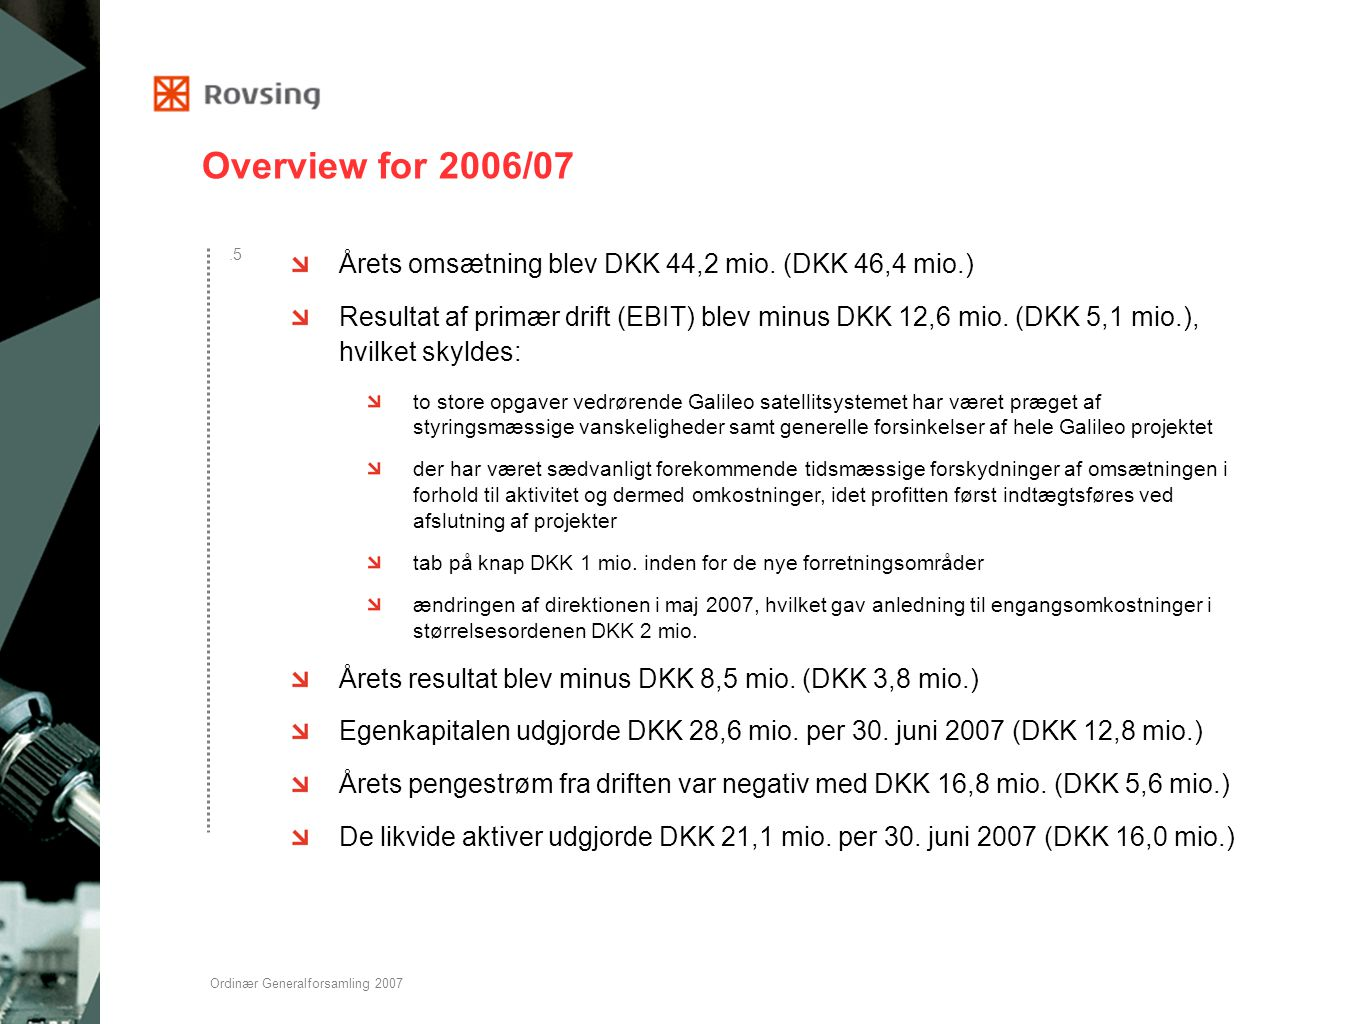 Overview for 2006/07 Årets omsætning blev DKK 44,2 mio. (DKK 46,4 mio.)